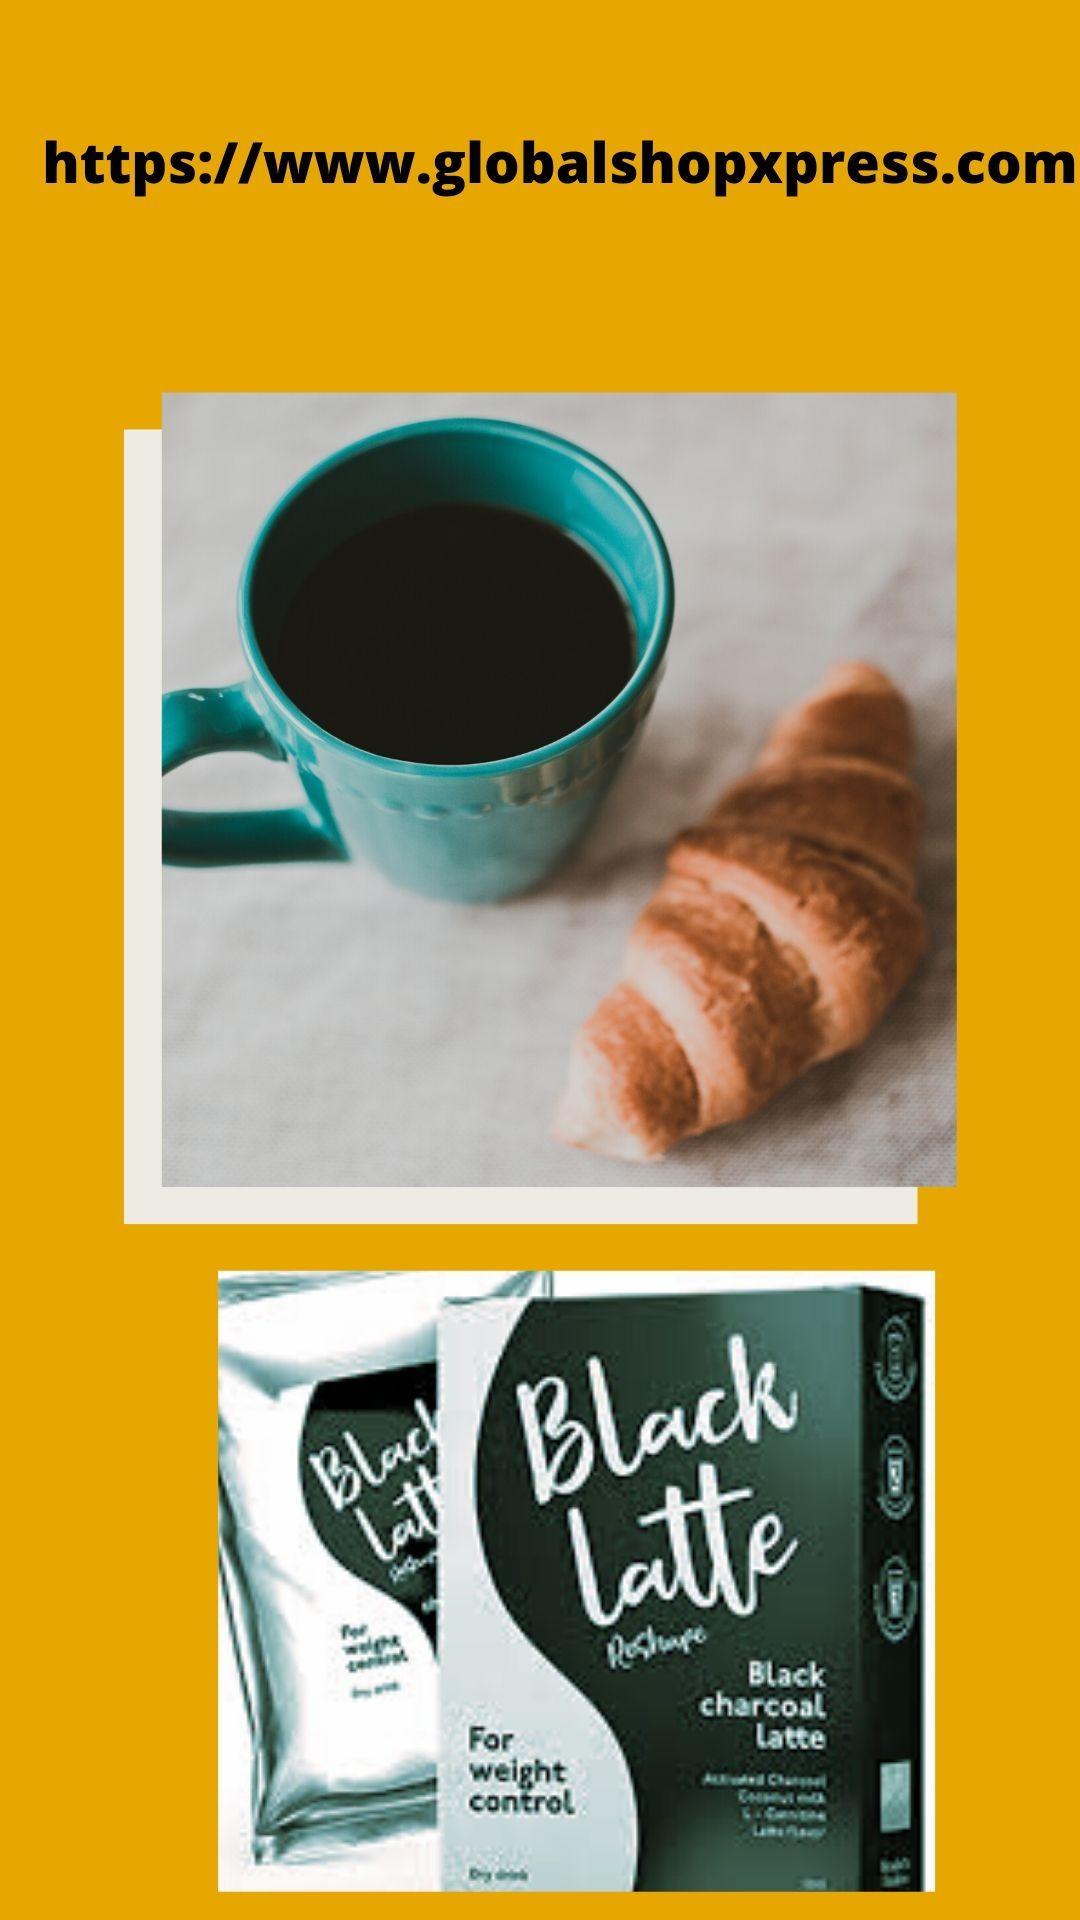 Folgen Sie dem Link, um weitere Informationen zu erhalten und Black Latte zu erwerben. – Black Latte-